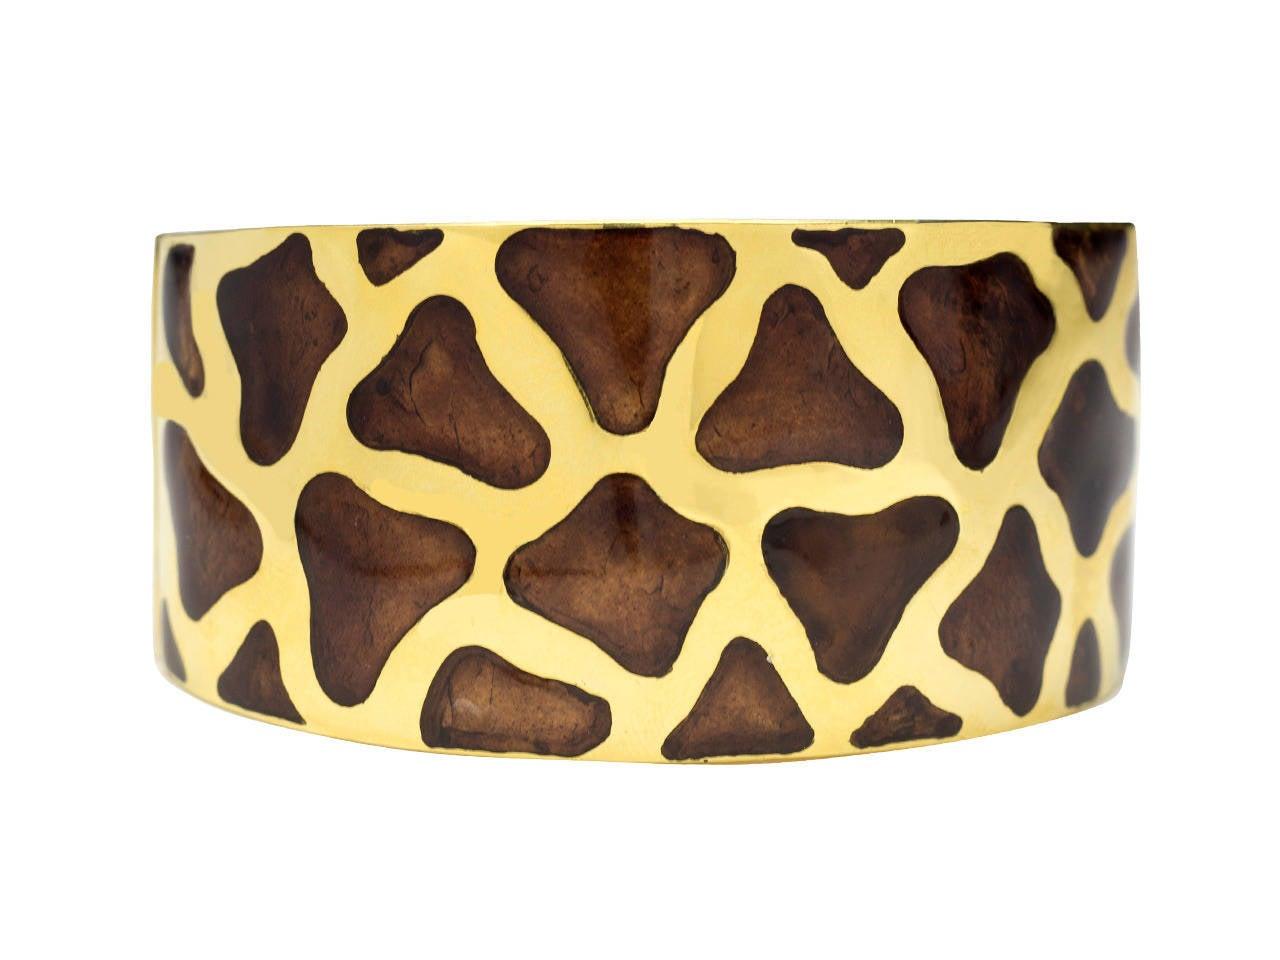 Roberto Coin Enamel Gold Giraffe Motif Bracelet And Earrings Set 2